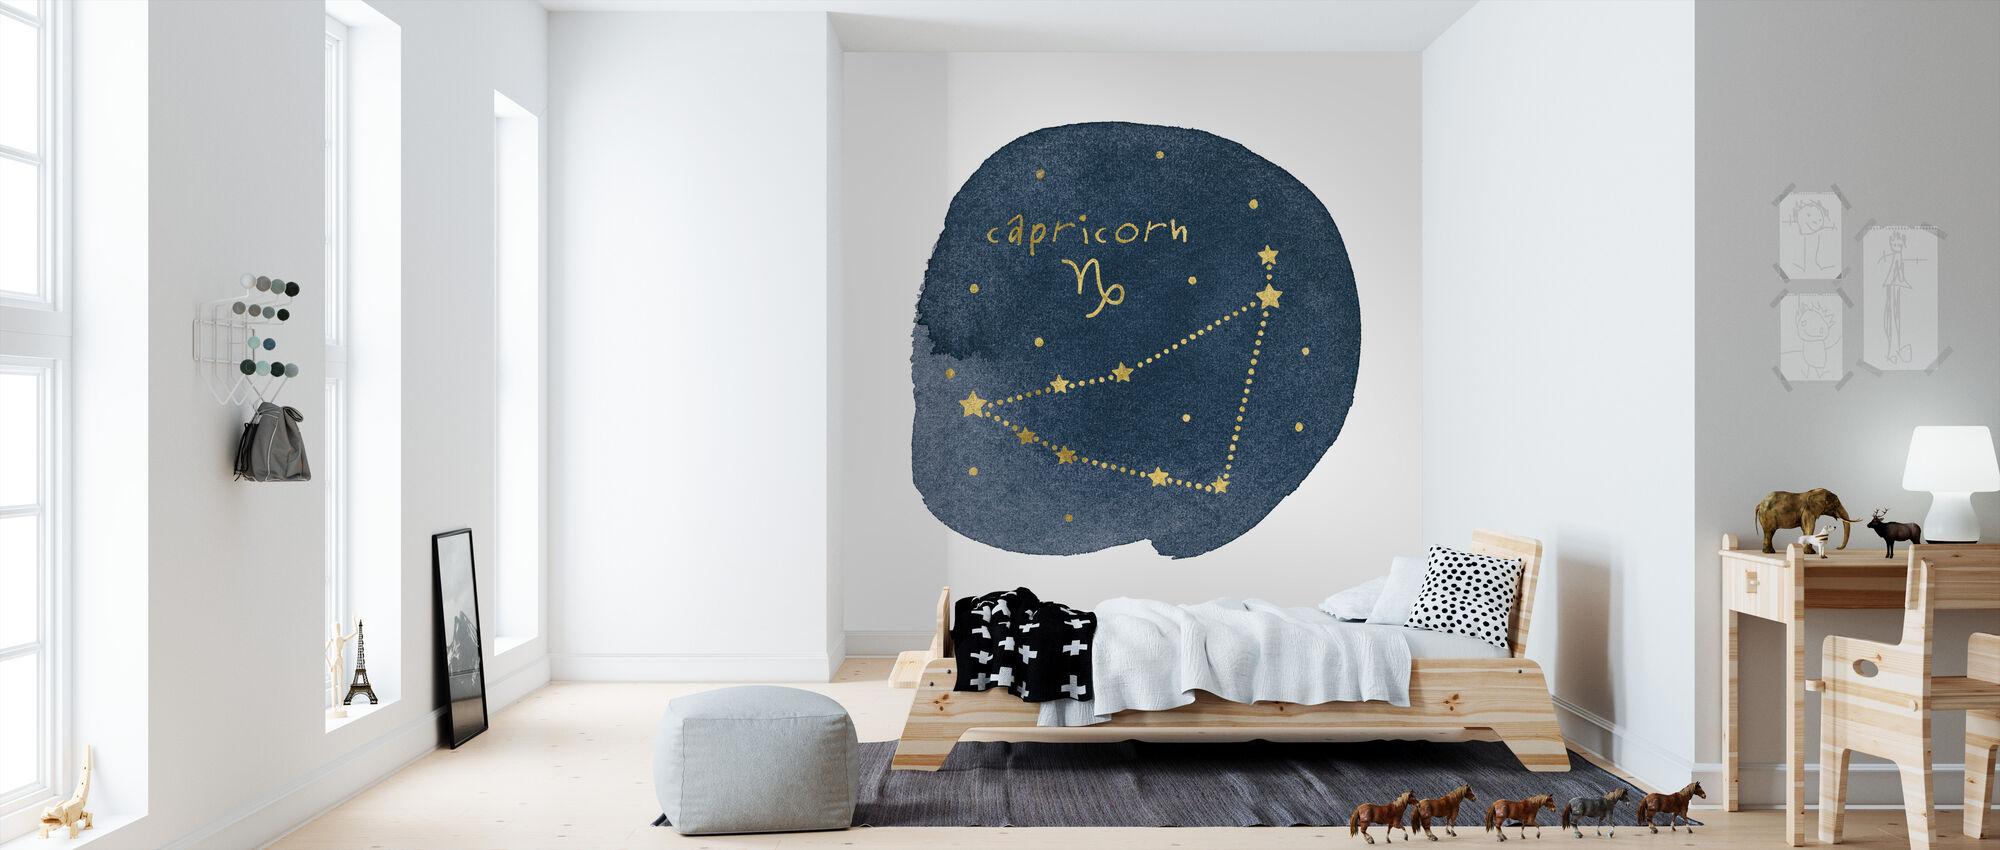 Horoscope Capricorn - Wallpaper - Kids Room